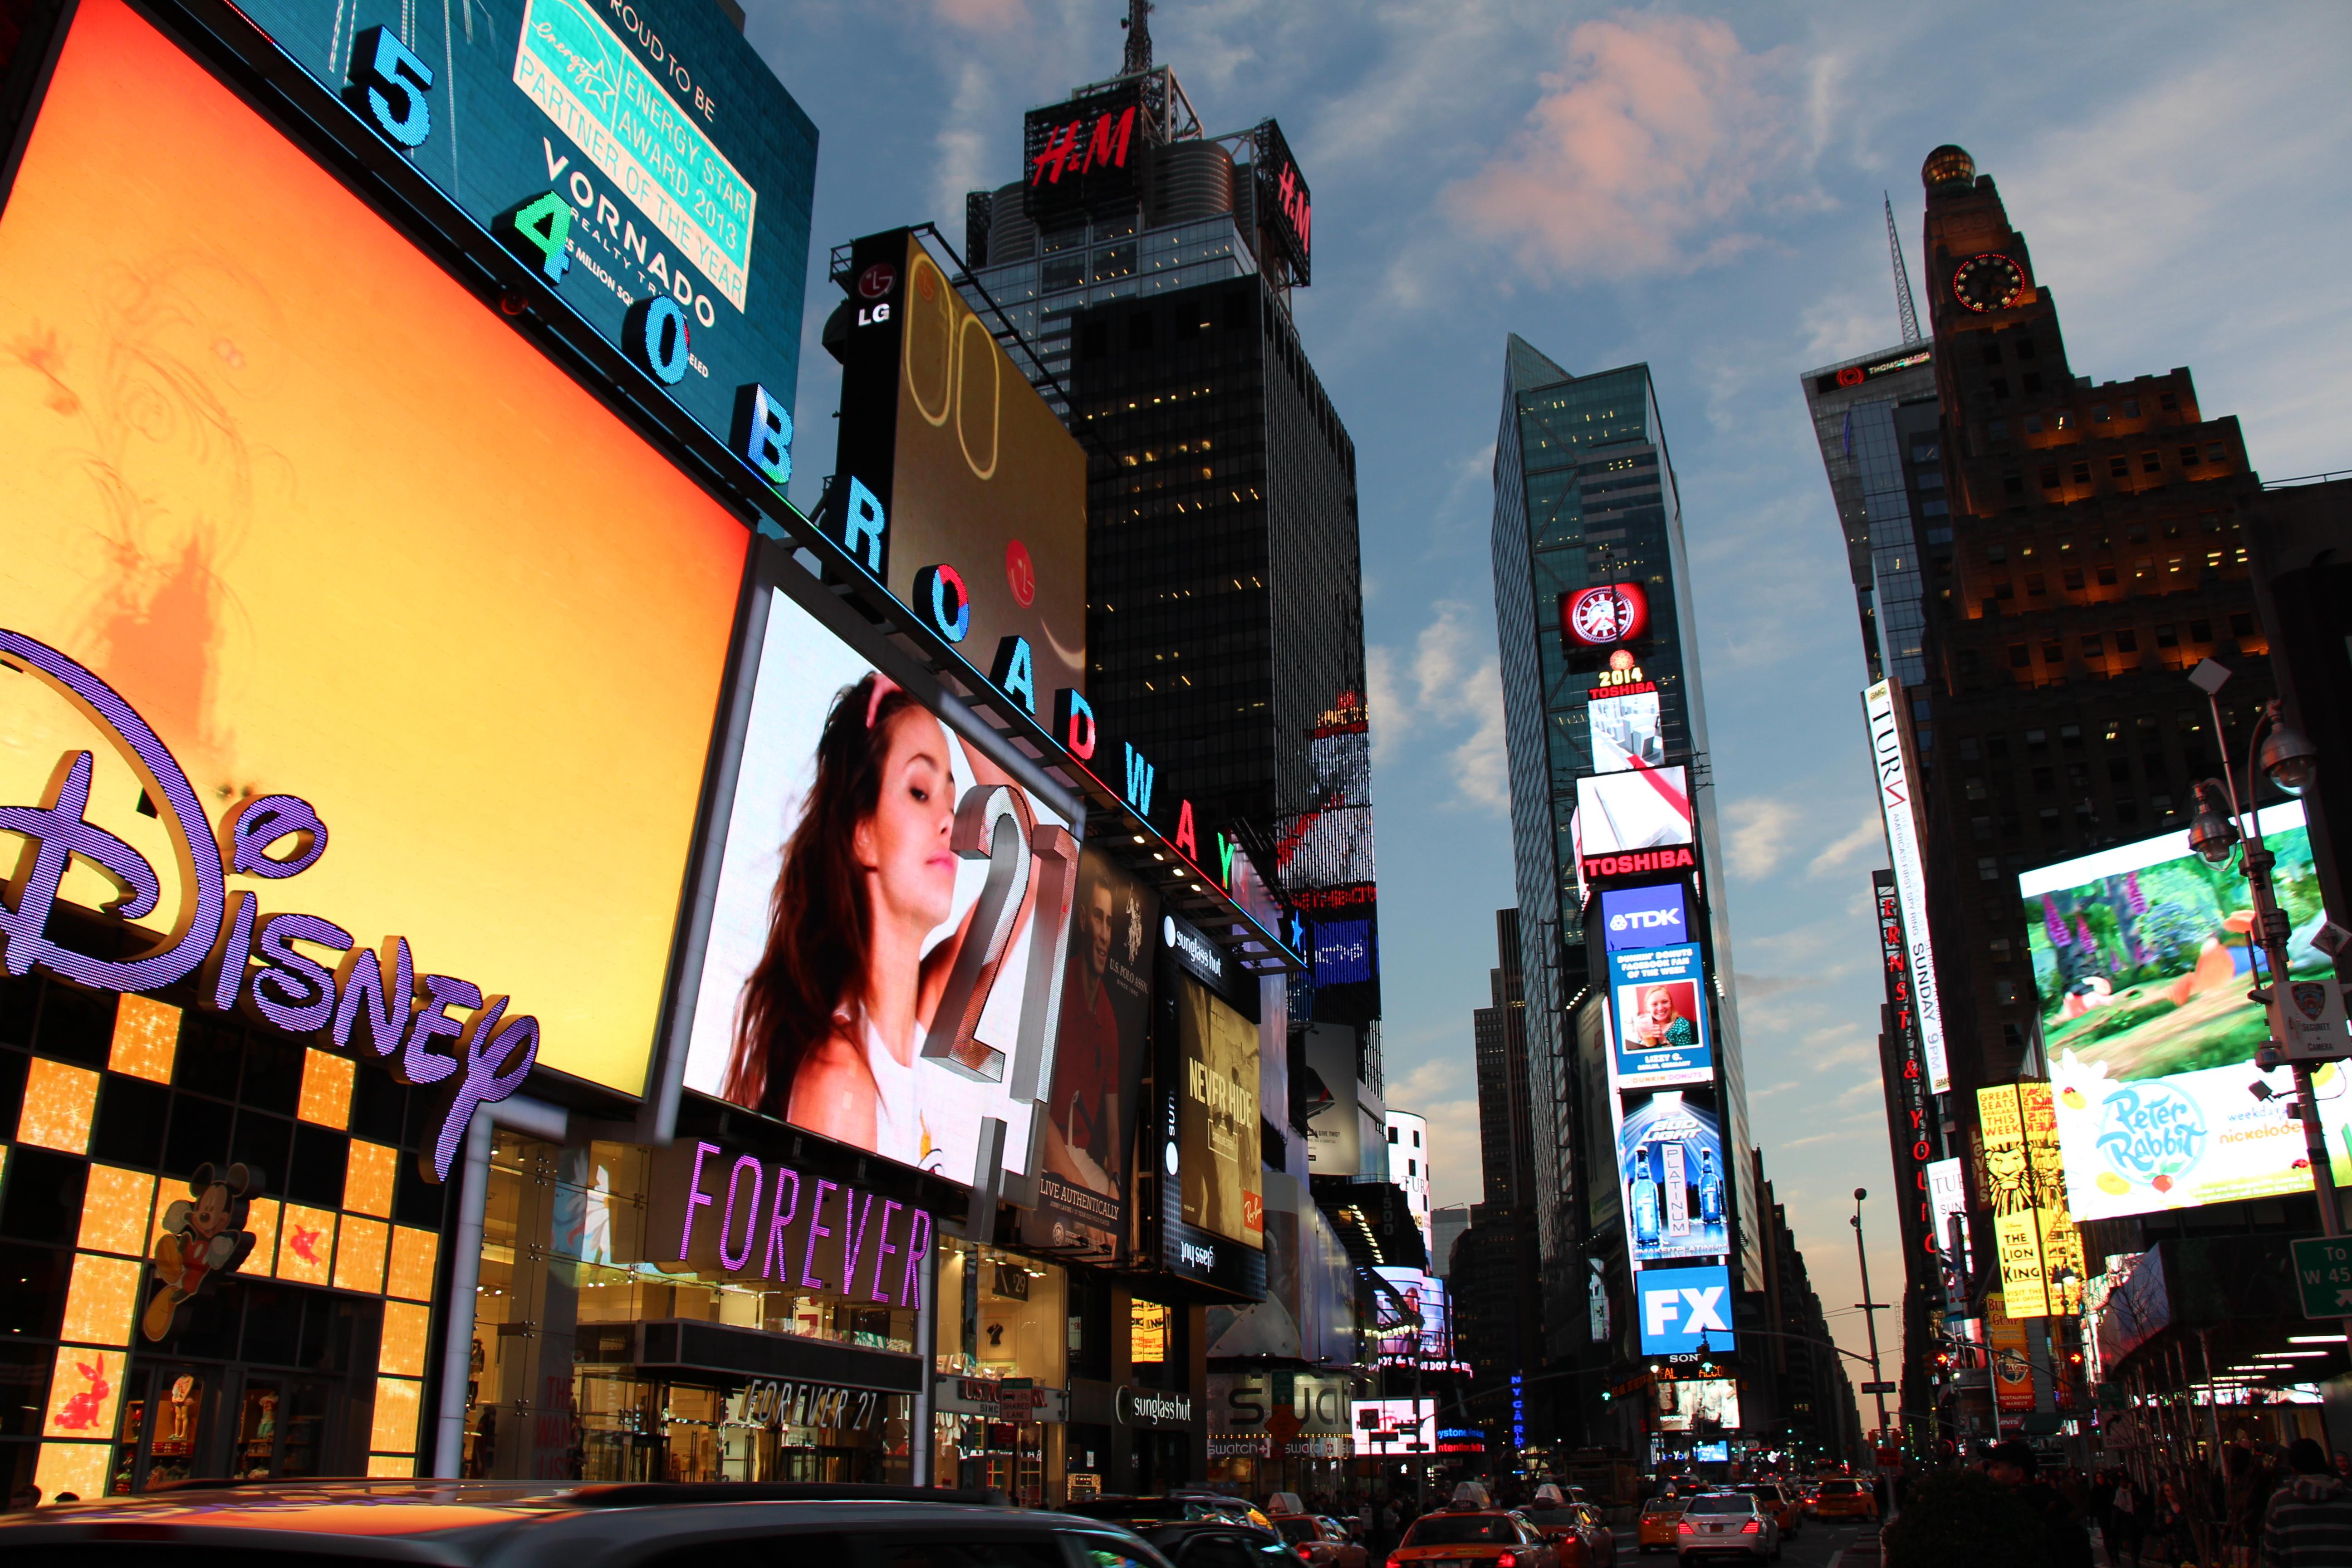 Mon mariage geek automnal : notre voyage de noces à New York avec nos adresses et conseils